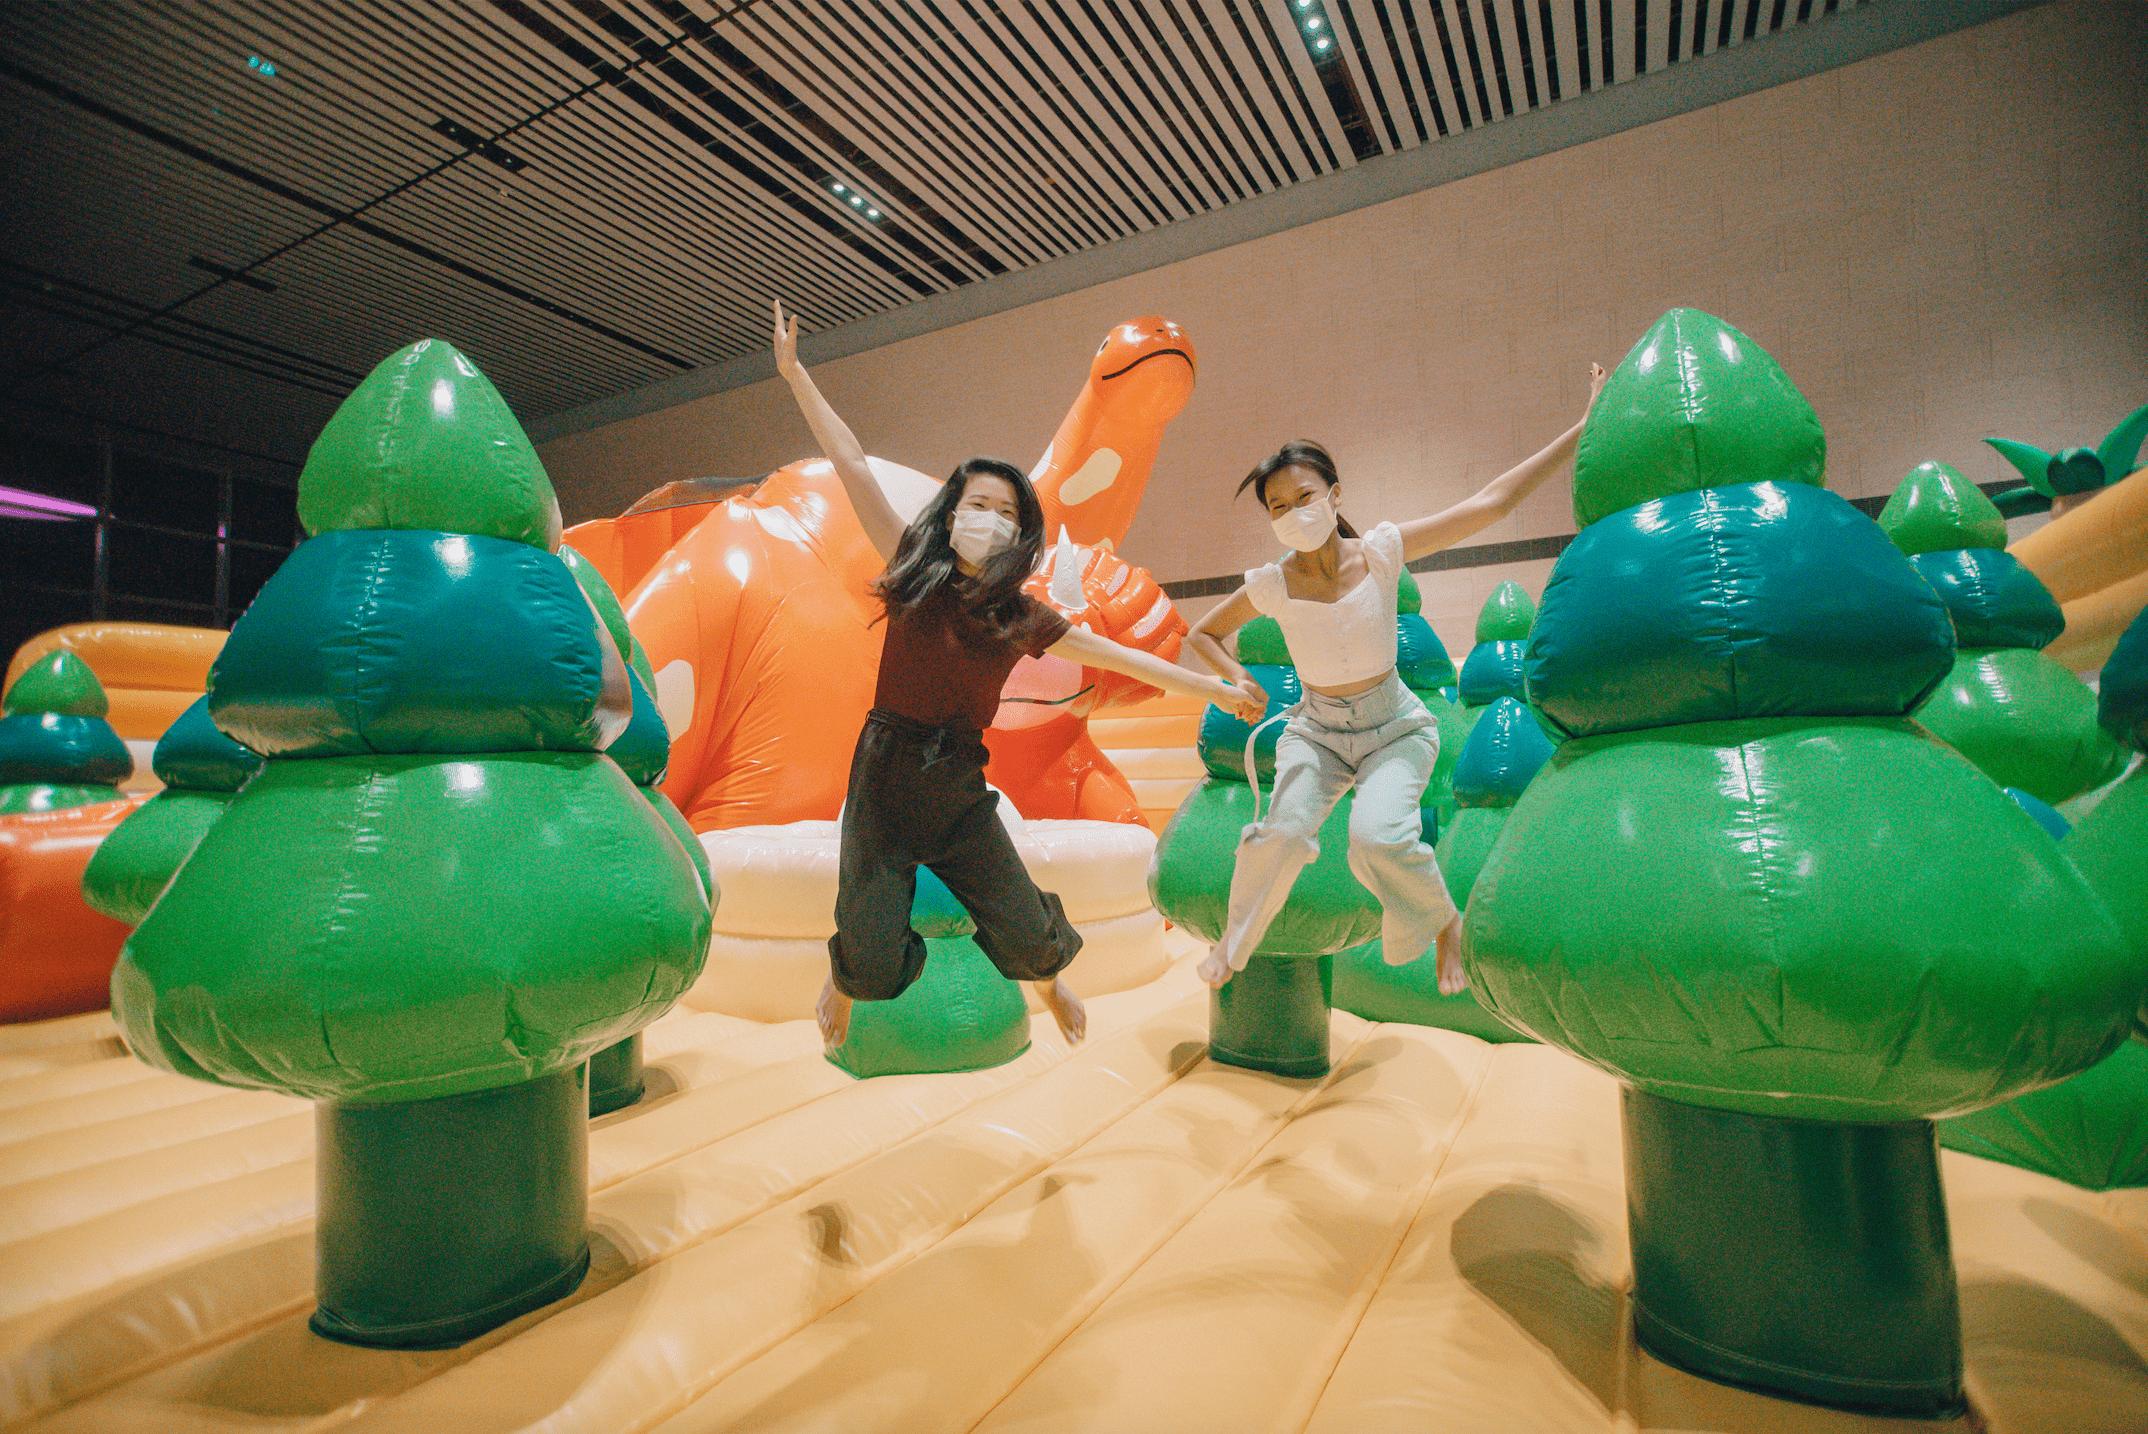 Changi Airport go-kart